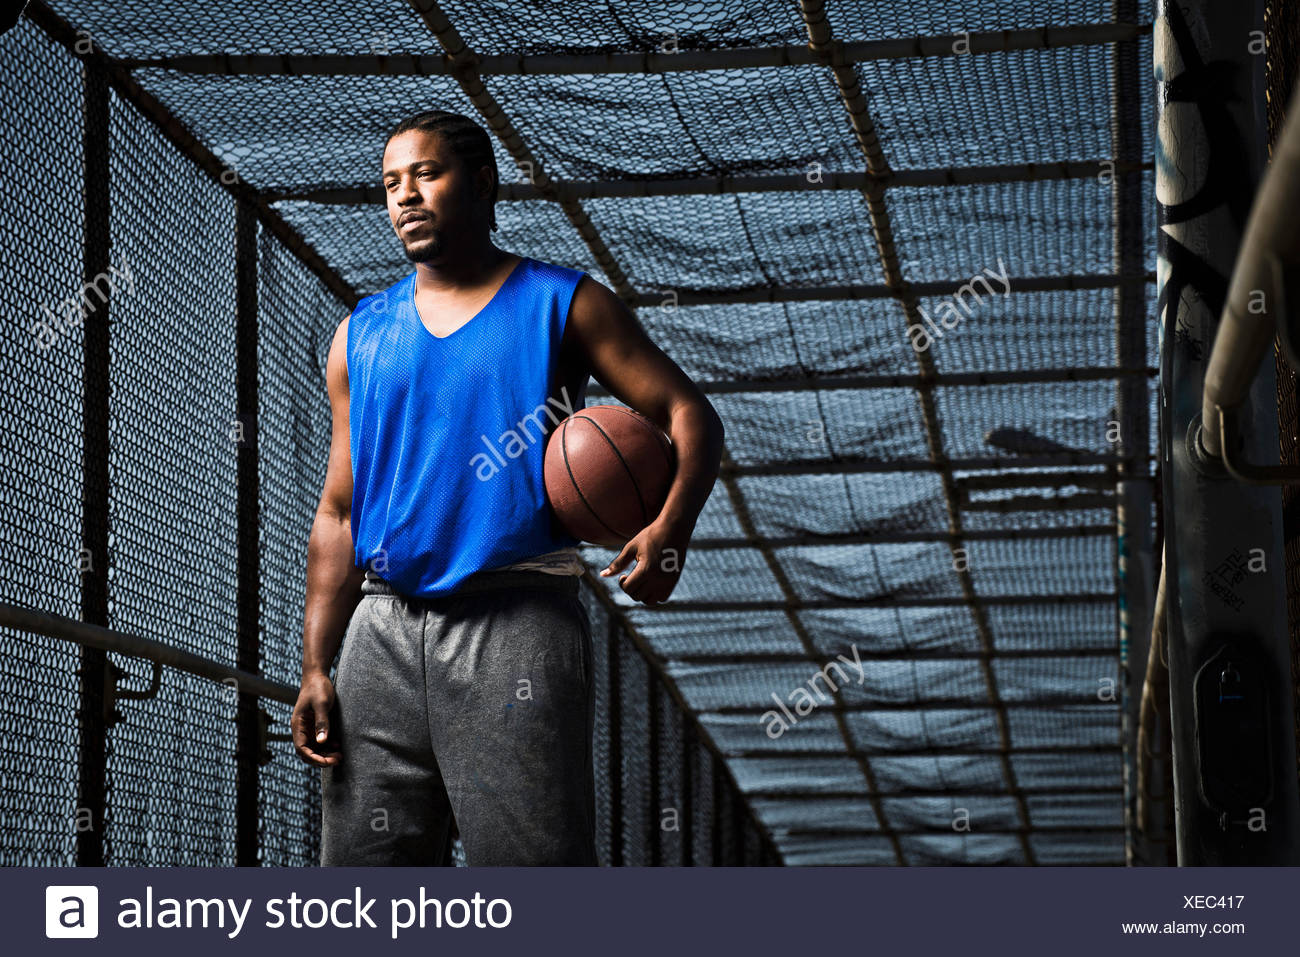 Ein junger Mann posiert mit einem Basketball auf einer Brücke. Stockbild